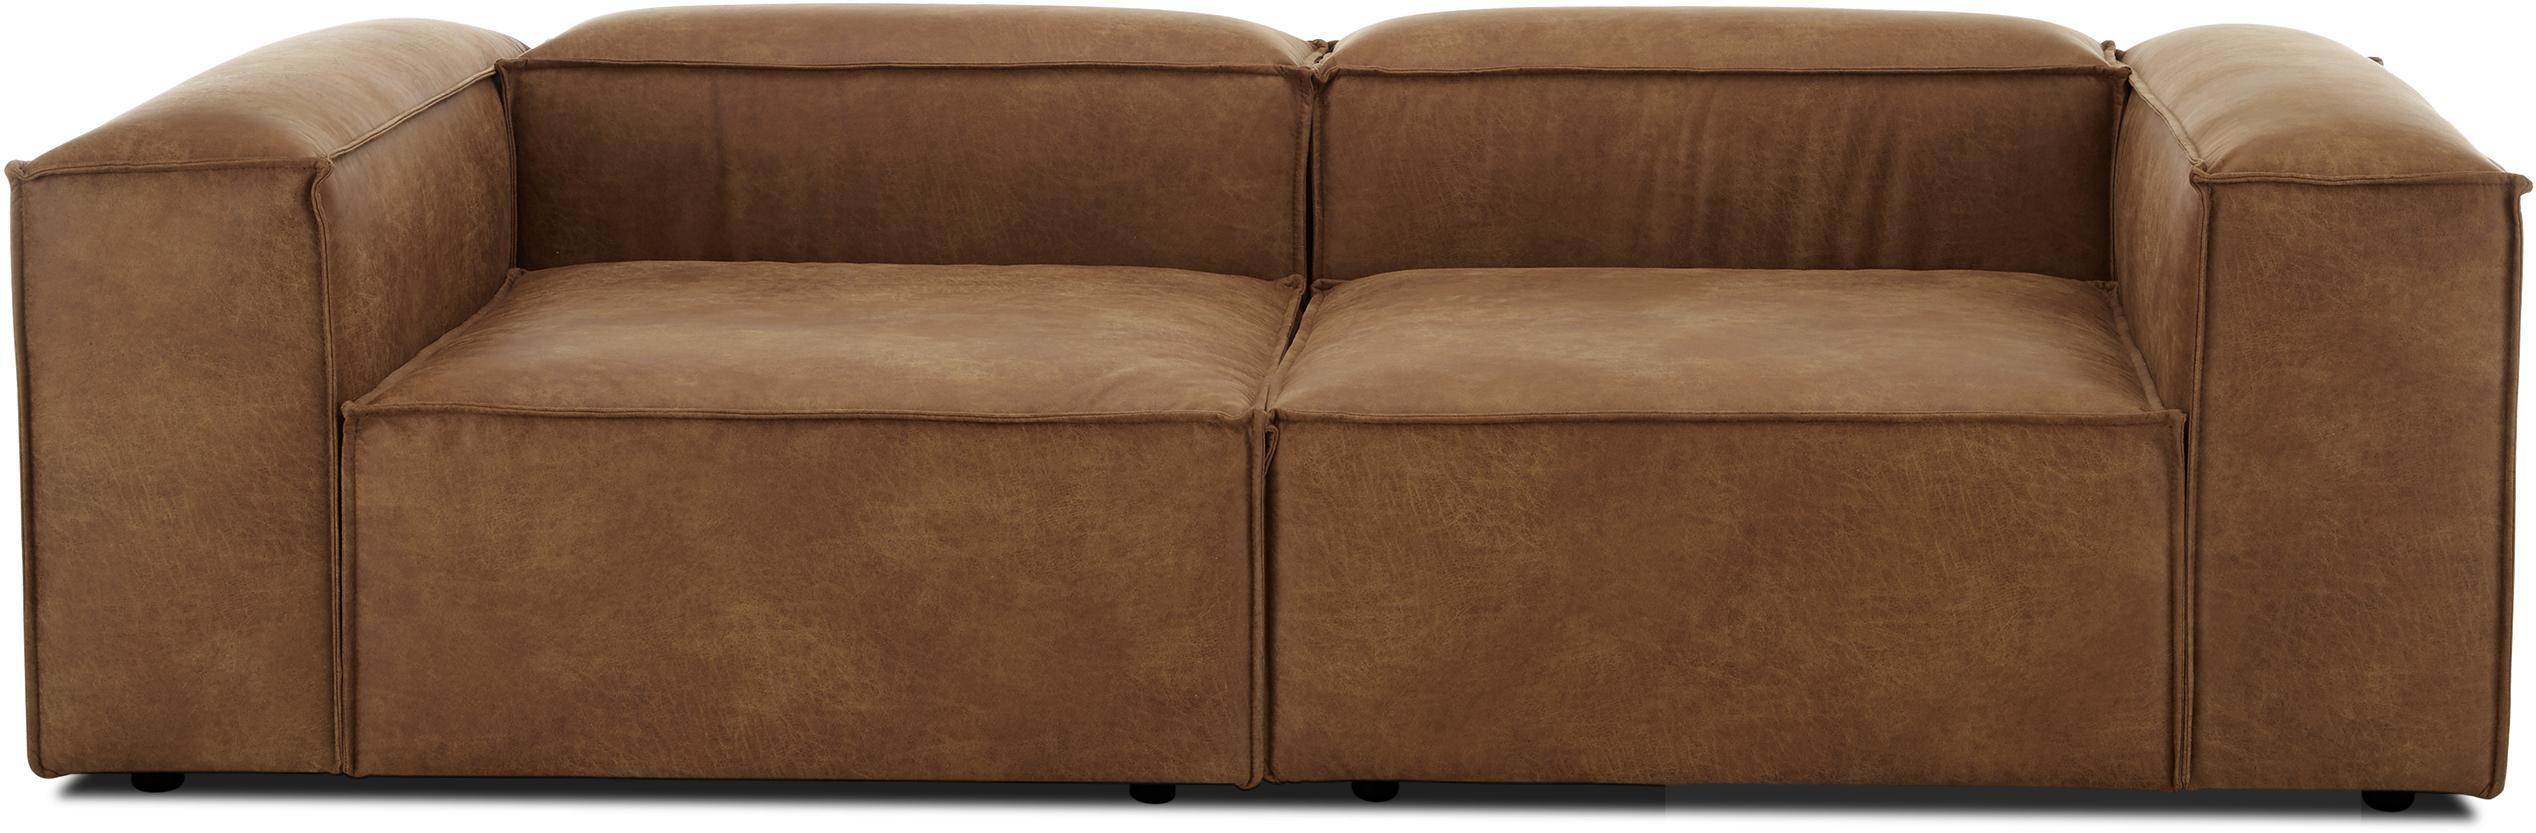 Modulares Leder-Sofa Lennon (3-Sitzer), Bezug: Recyceltes Leder (70% Led, Gestell: Massives Kiefernholz, Spe, Füße: Kunststoff, Leder Braun, B 238 x T 119 cm